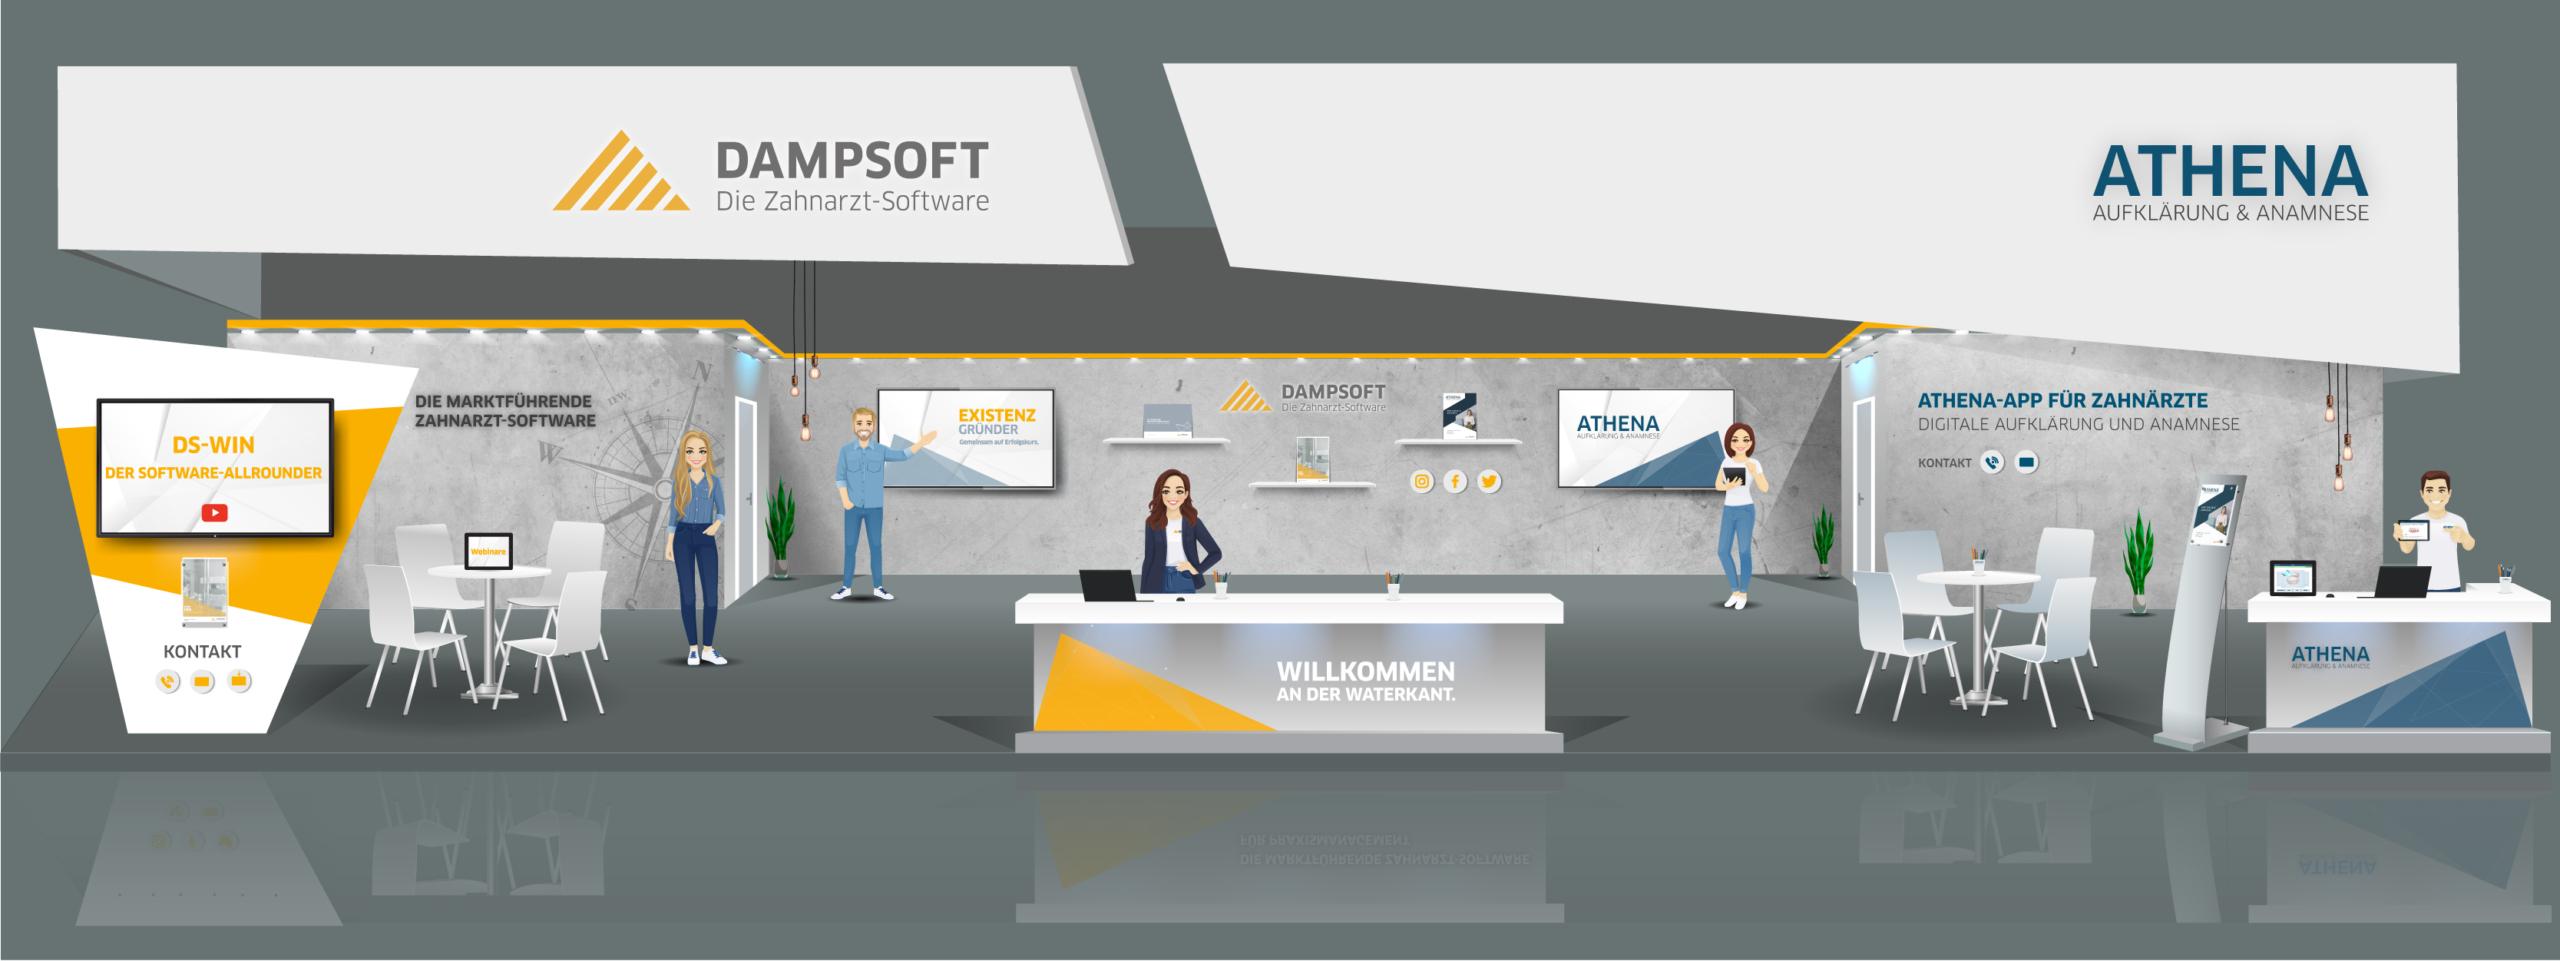 VDDS Frühjahrsmesse 2021 - Messestand der DAMPSOFT GmbH